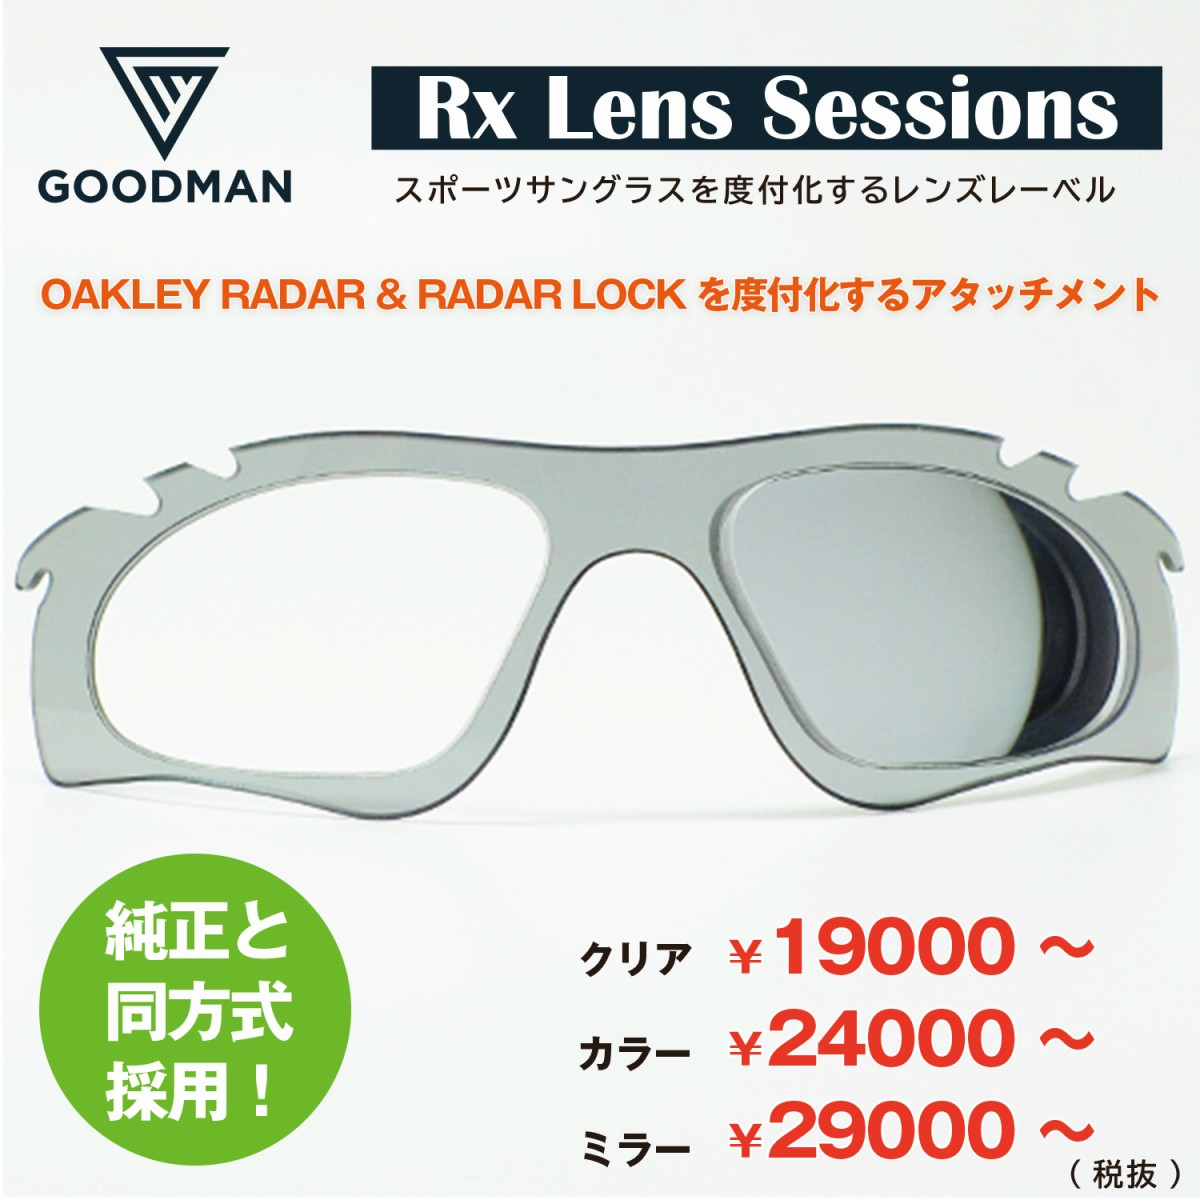 Rx Lens Sessions RX SHIELDRADAR & RADARLOCK 度付きレンズ用 インプラント*お選びいただきますレンズや度数によって金額が変わります